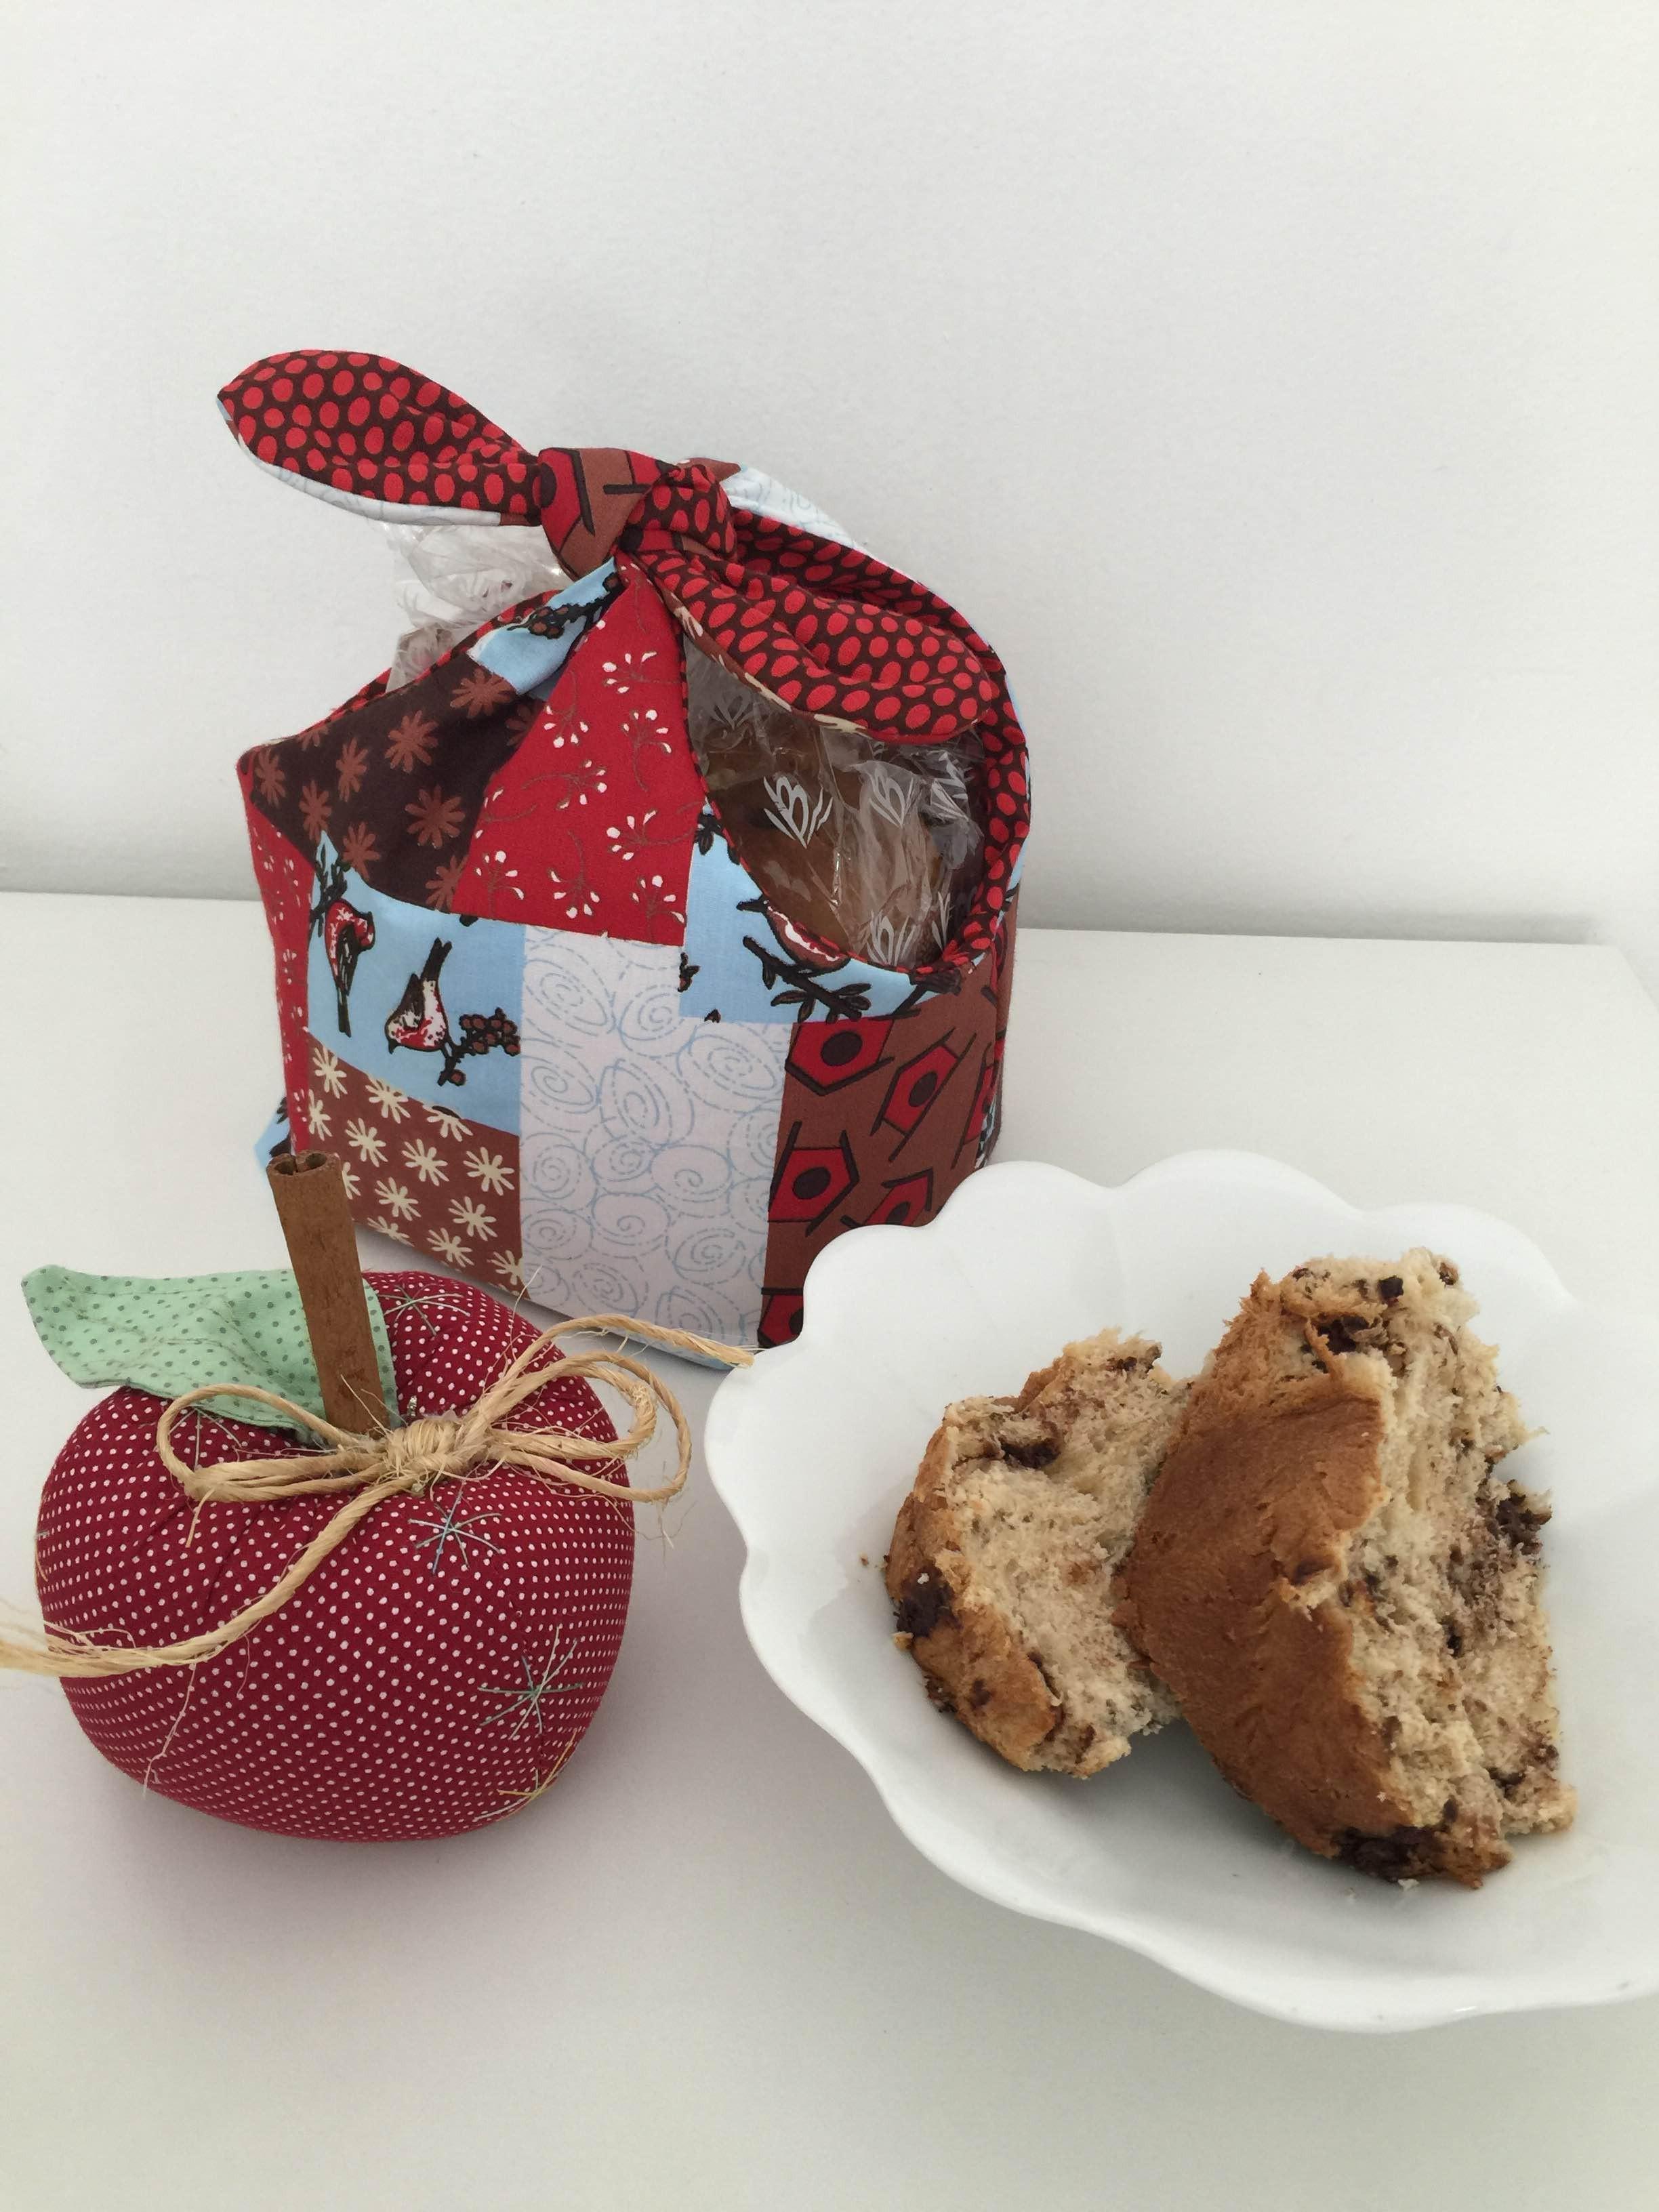 Porta-panetone e maçã em tecido feitos pela Carol Viana. Muito criativos como artesanato de Natal!